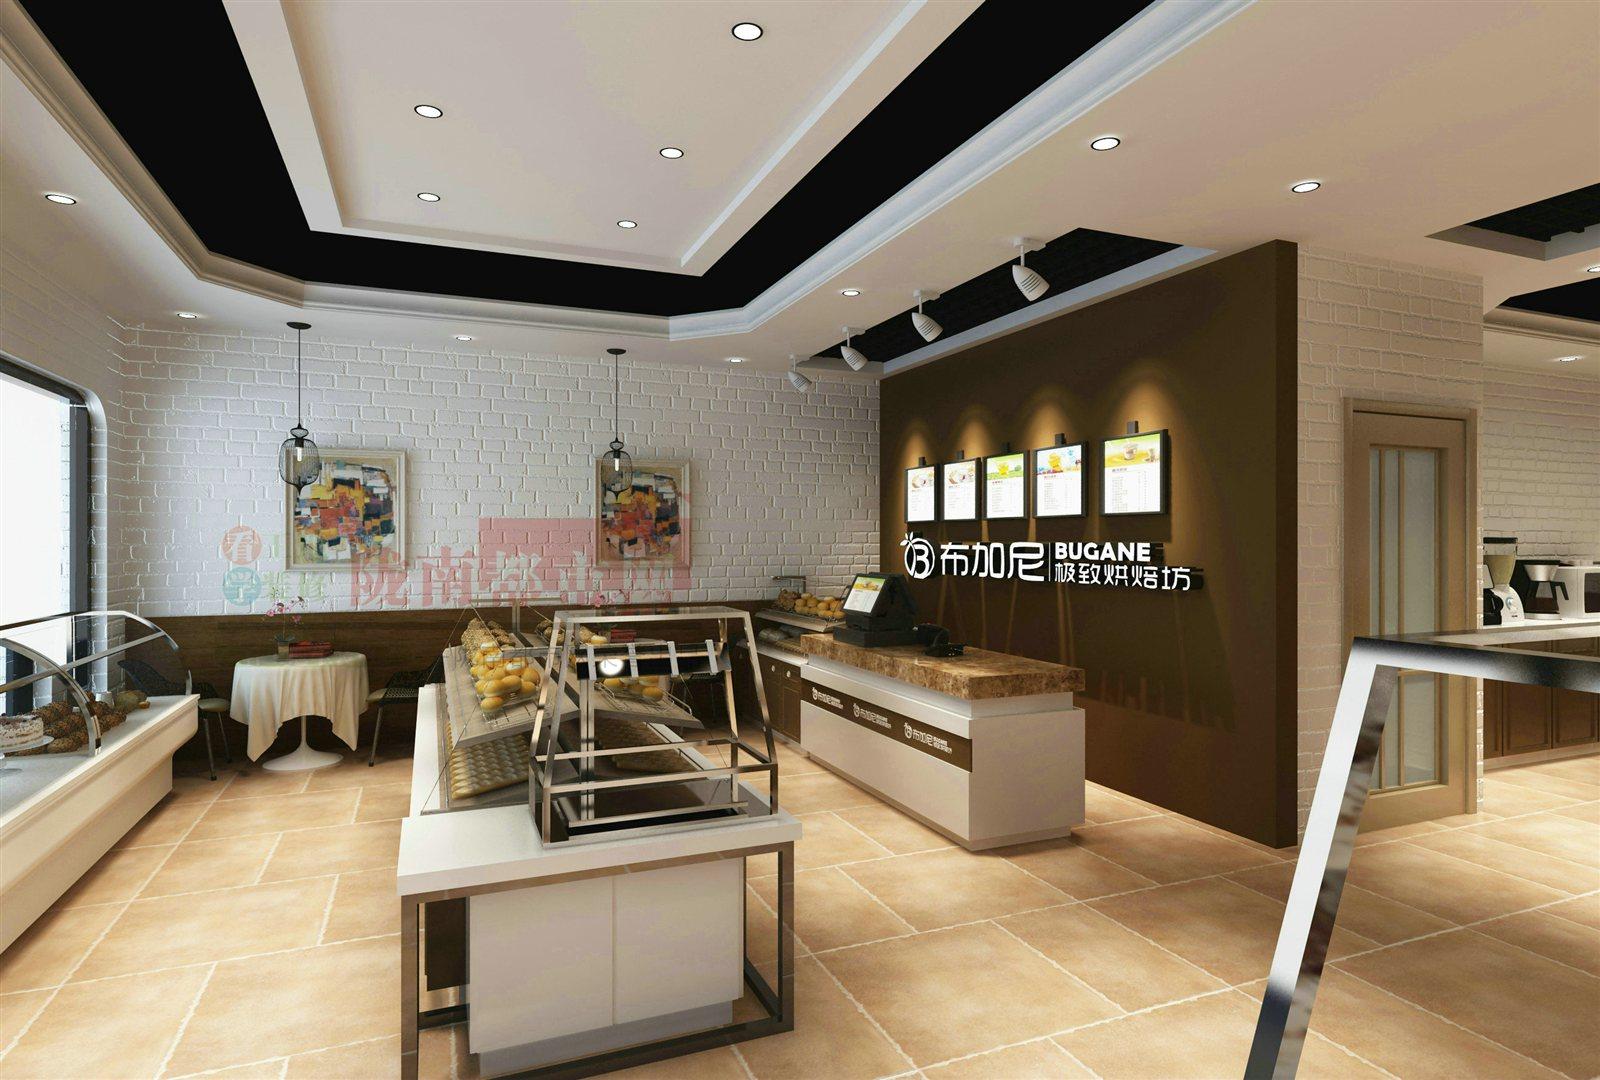 潘弘伟   楼盘名称   东江   商业空间   蛋糕店   设计风格   田园